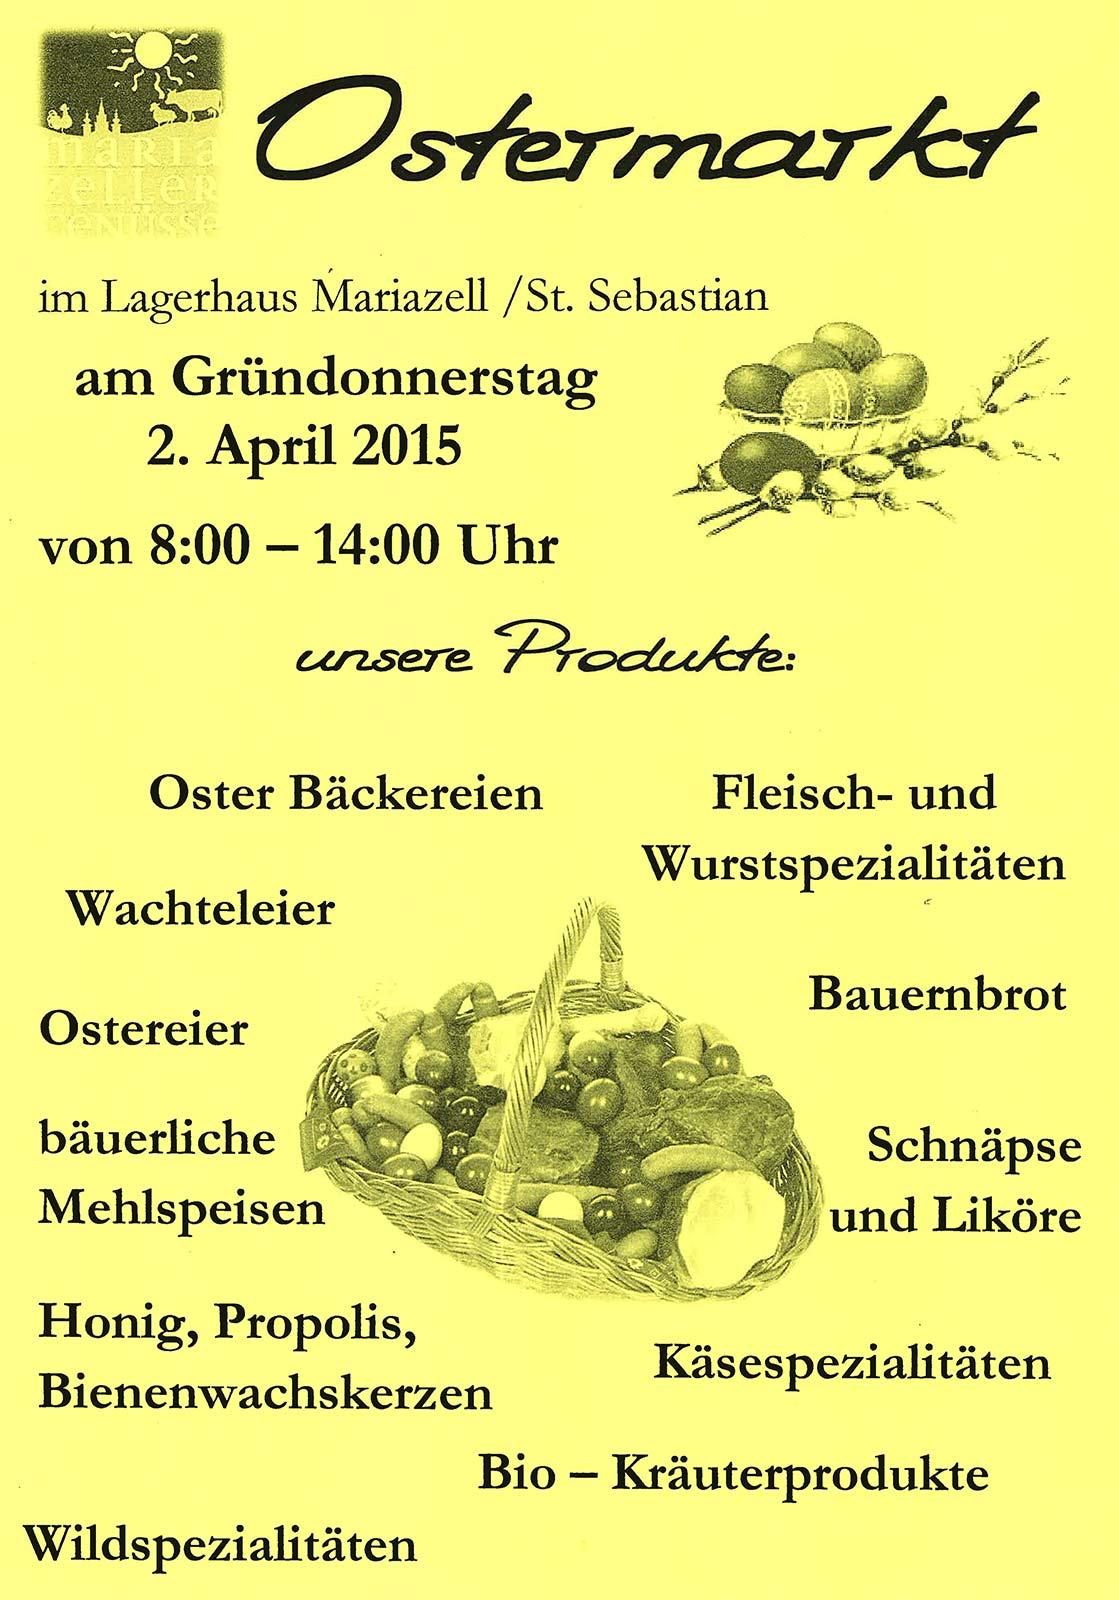 Ostermarkt_Mariazell-2015